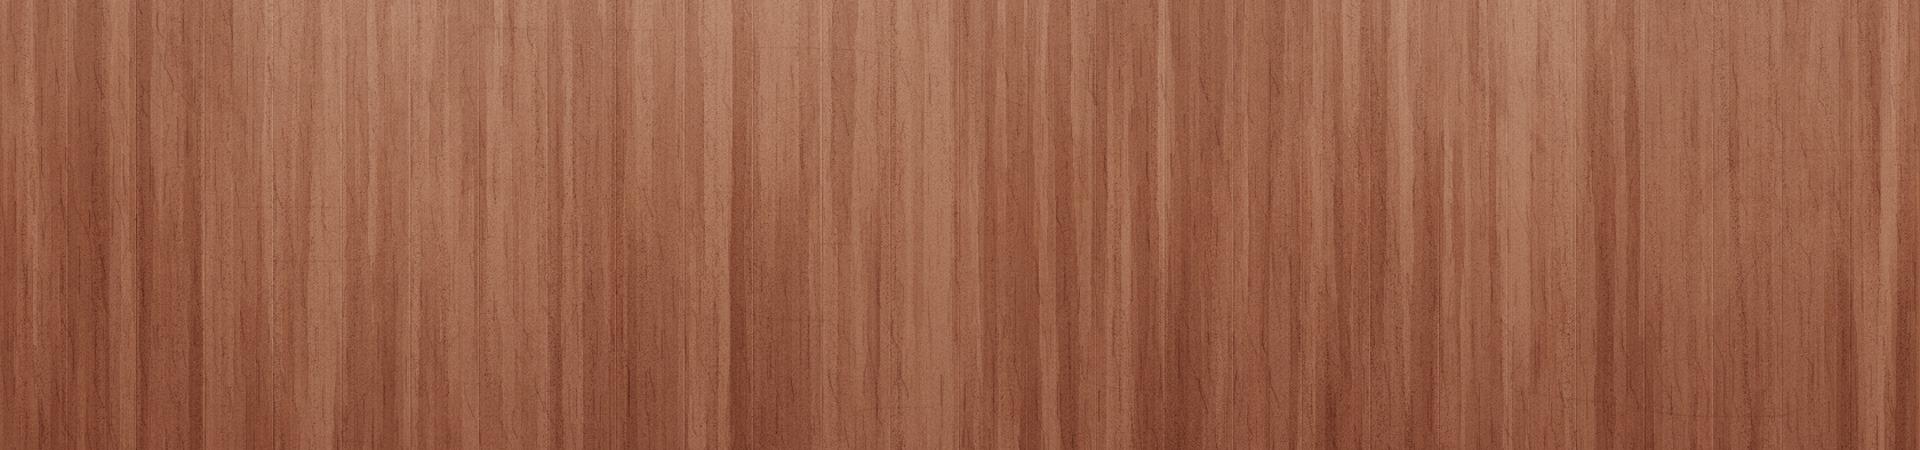 slider-wood